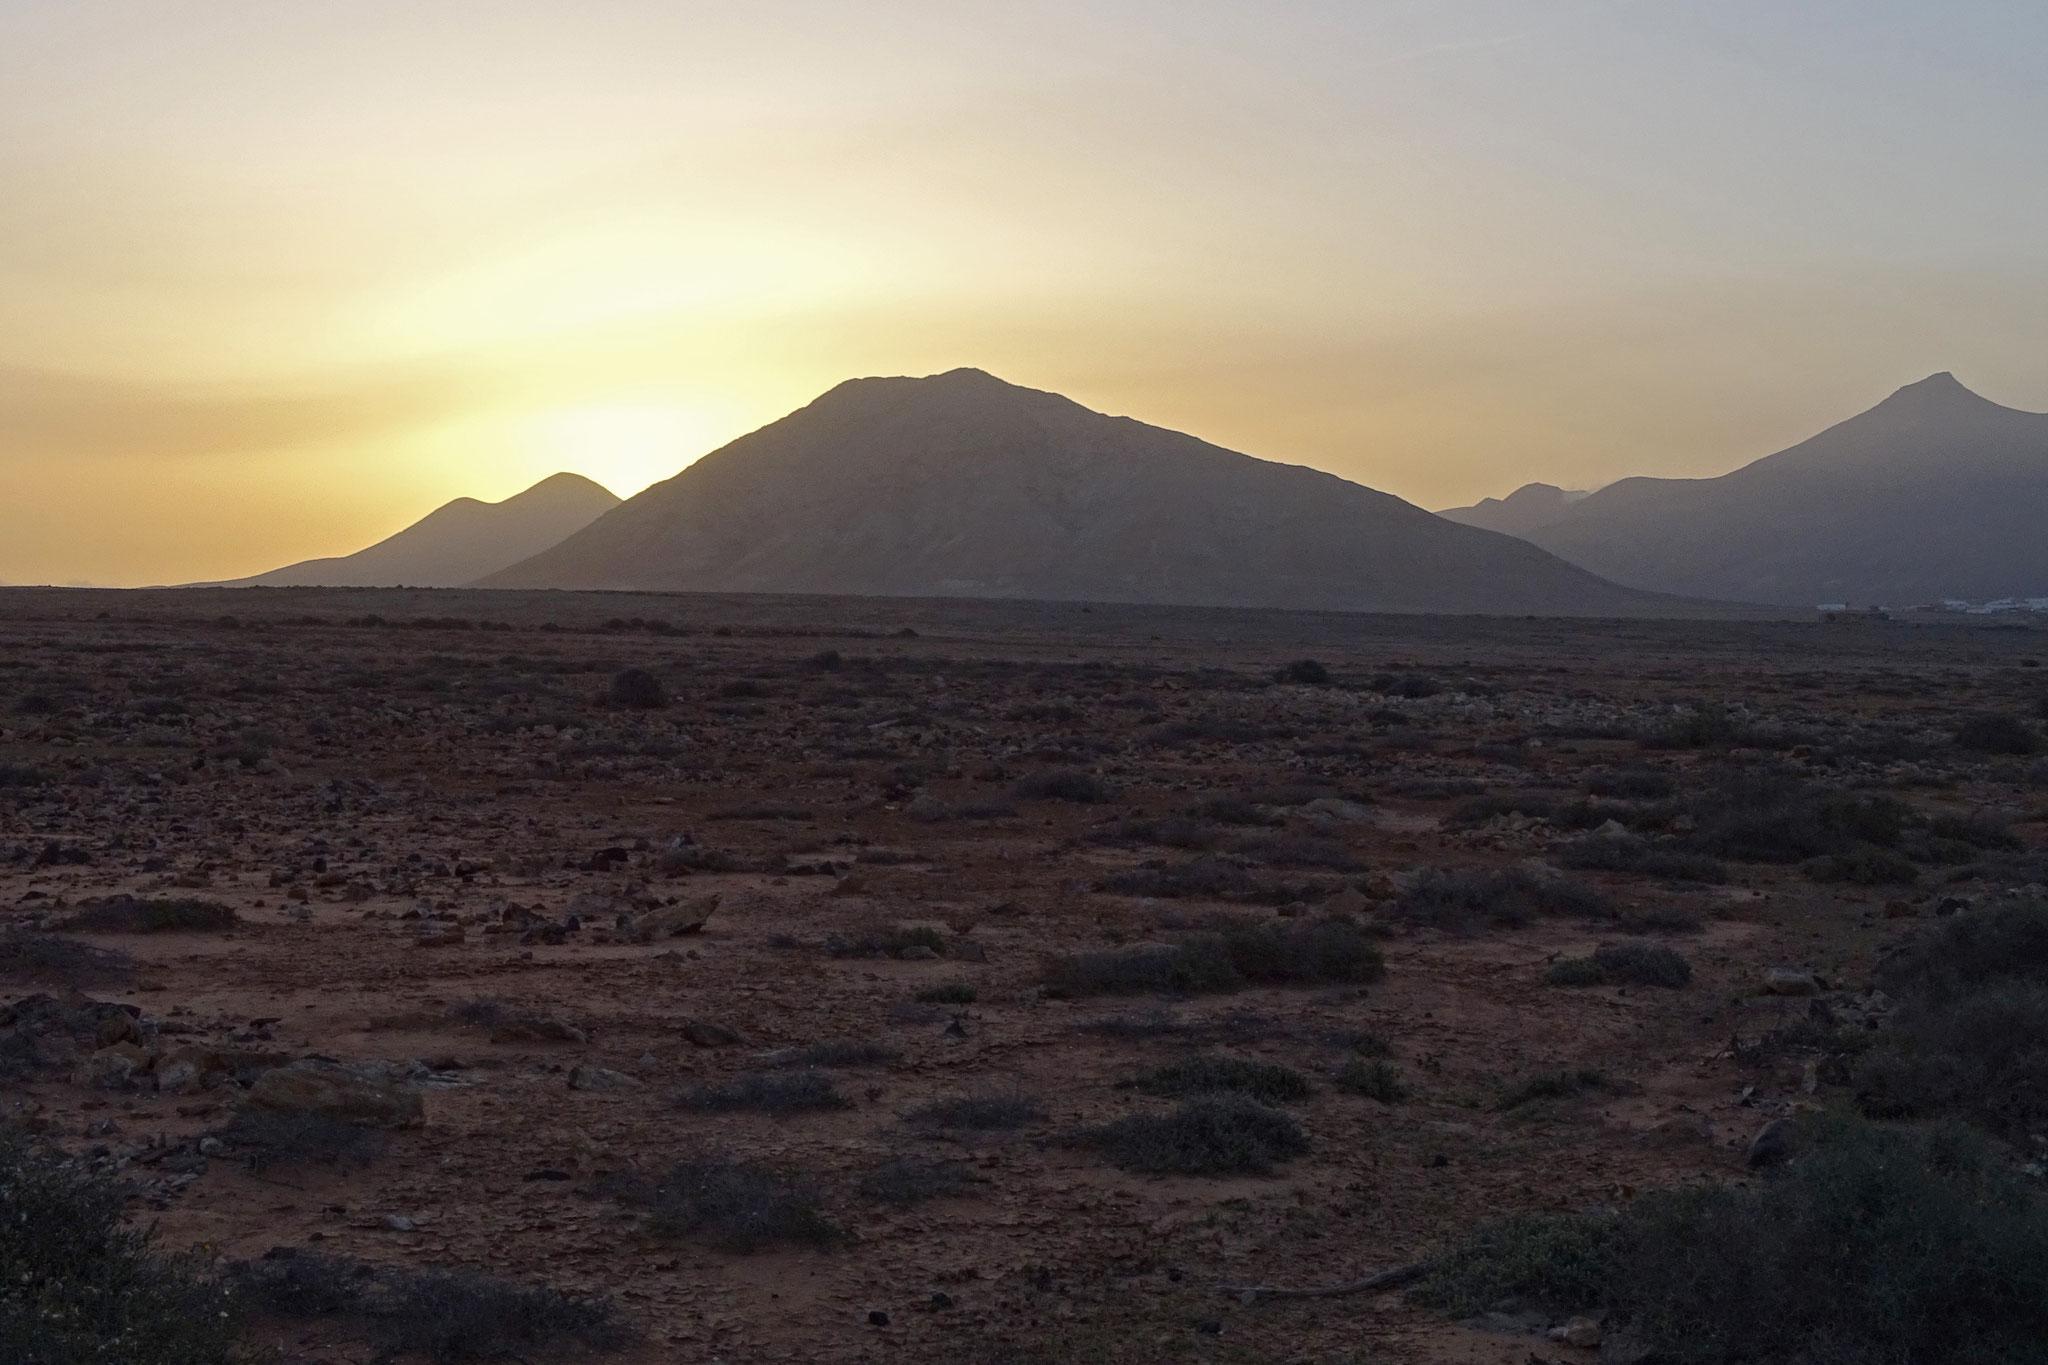 Zurück in Fuerteventura noch einige Beobachtungen bei morgendlichen Touren durch die Tindaya-Halbwüste: